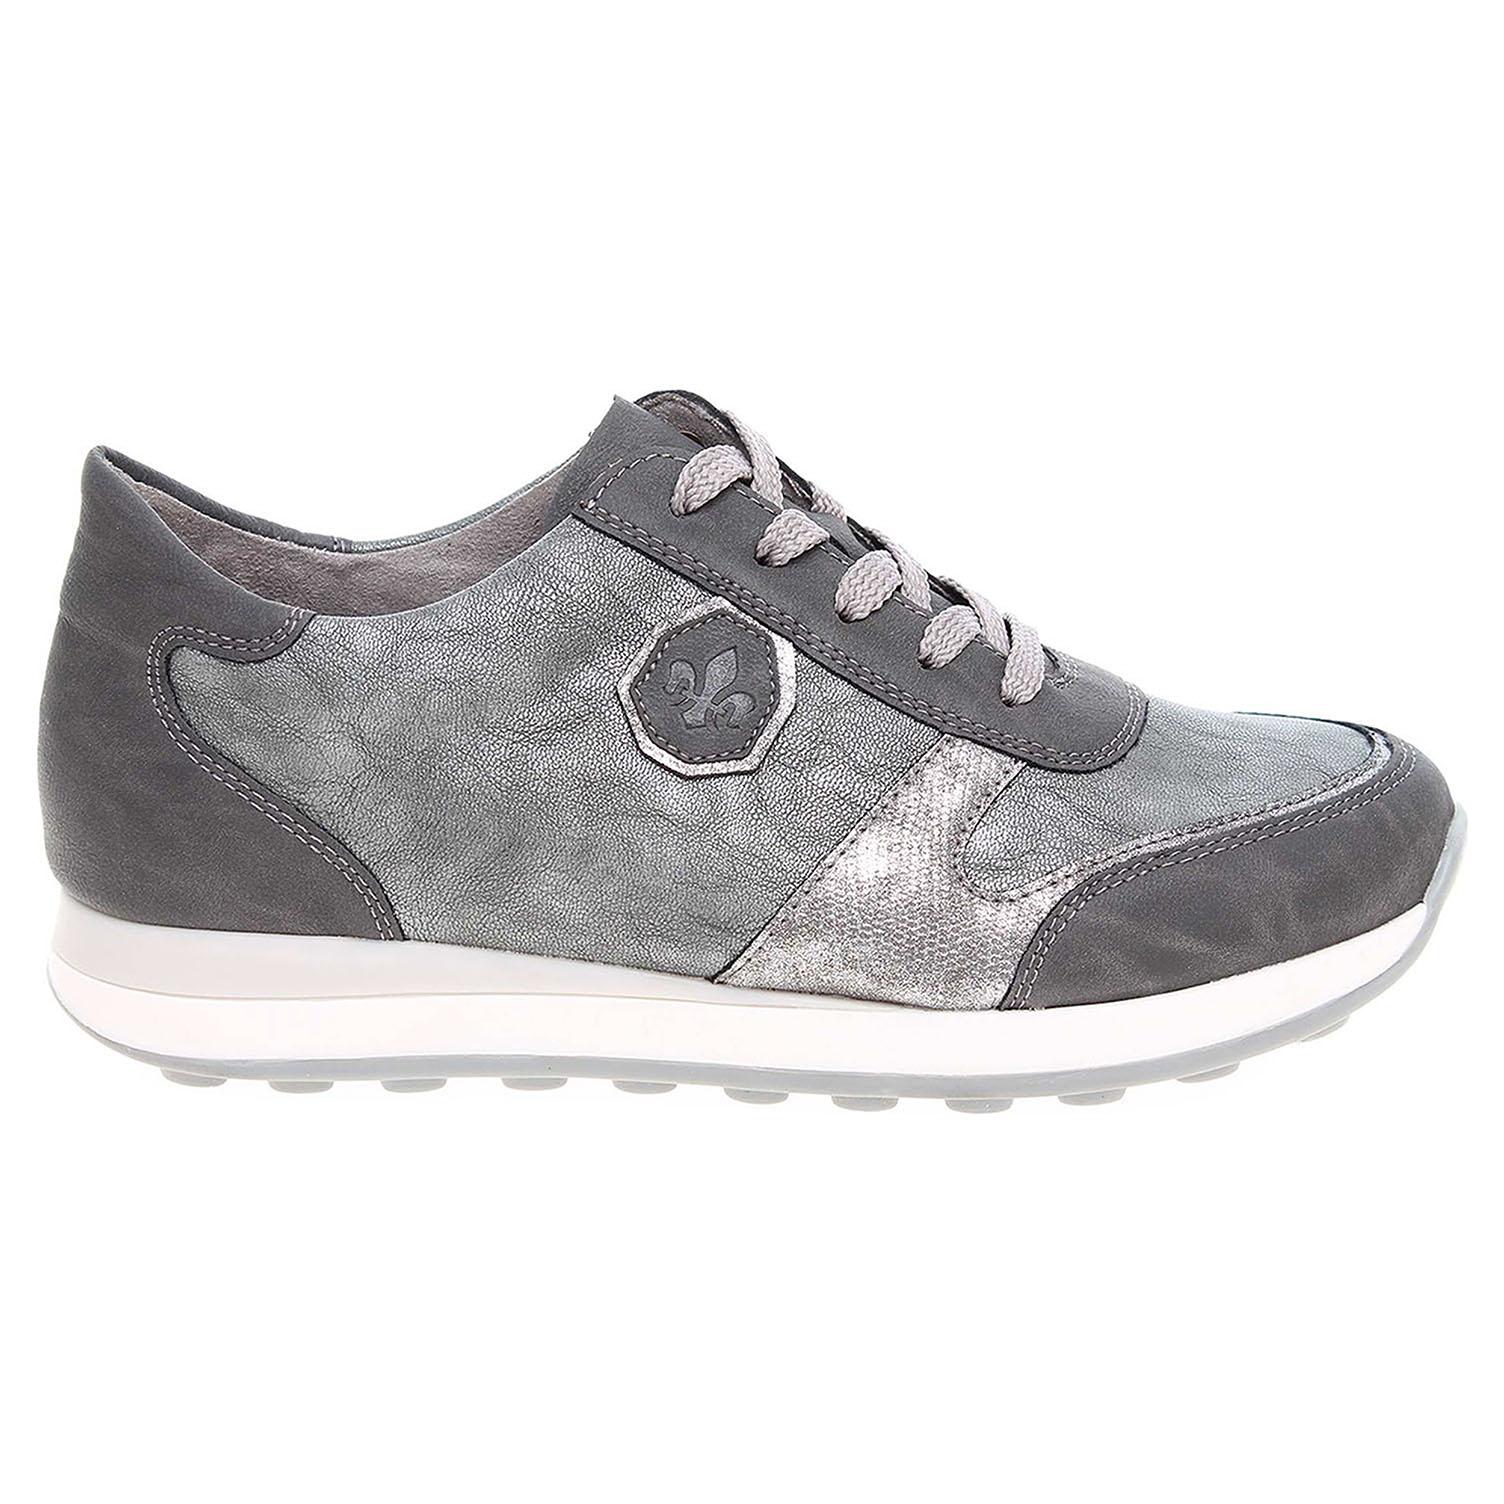 Ecco Rieker dámská obuv N1823-45 šedá-stříbrná 23200588